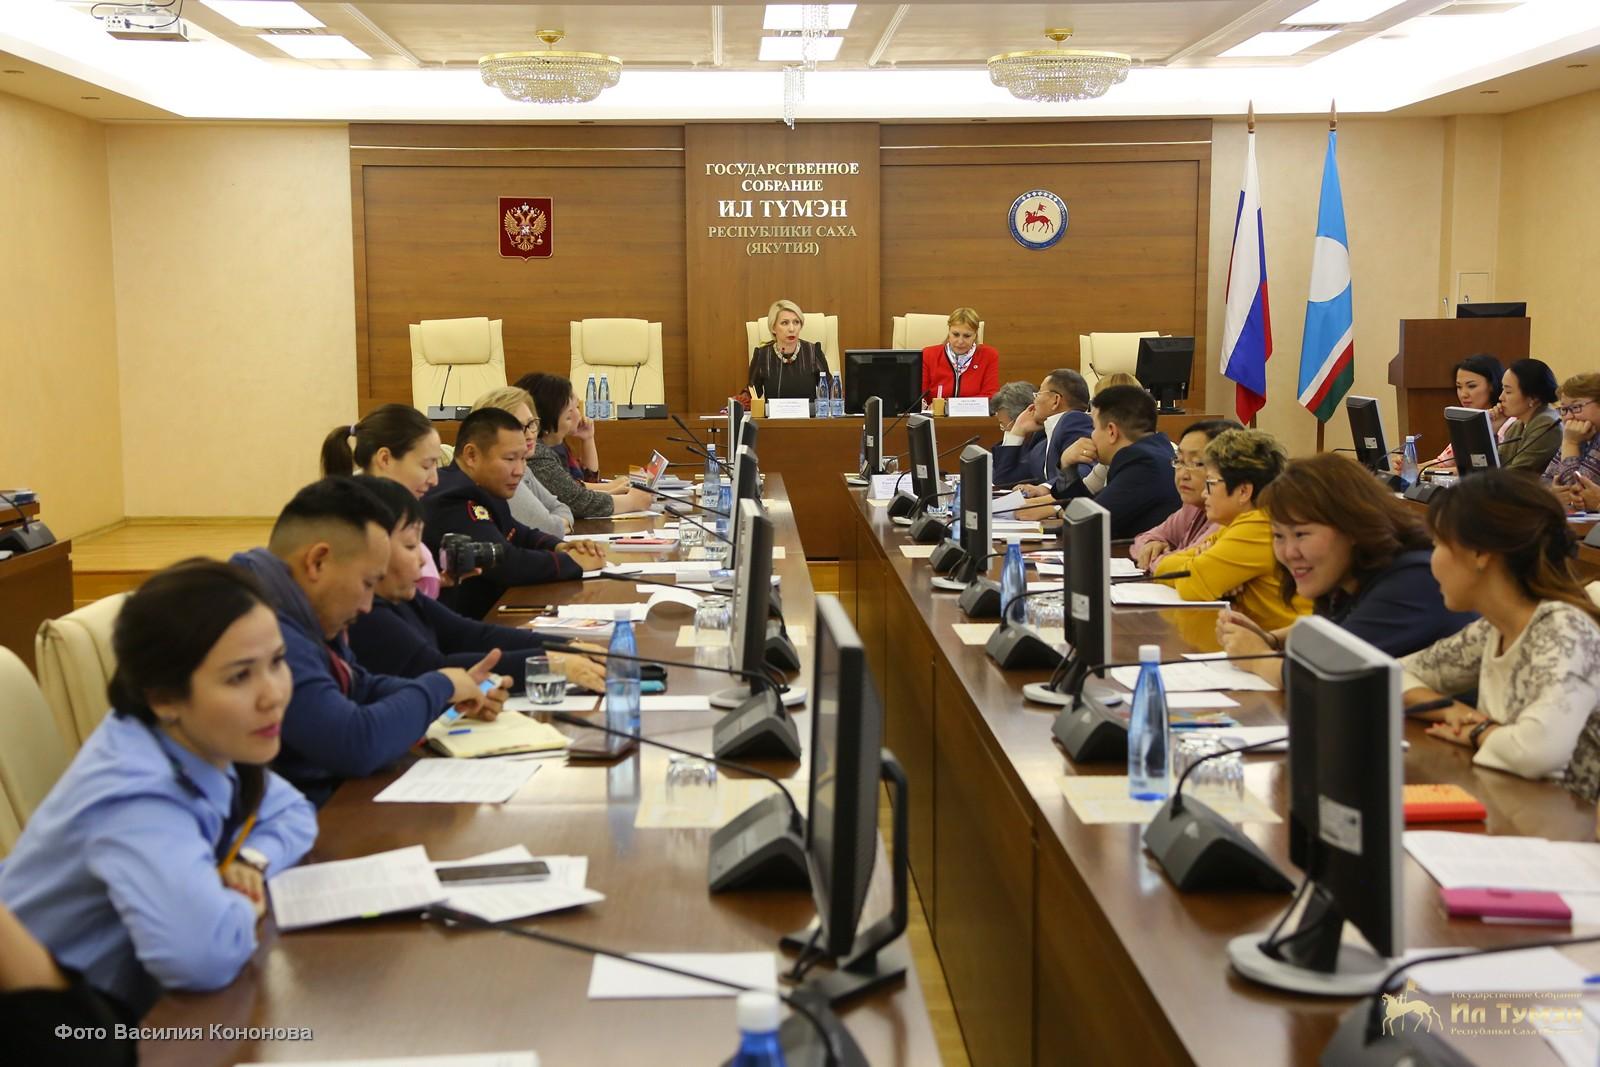 В парламенте Якутии состоялся круглый стол по вопросам противодействия насилию в семье